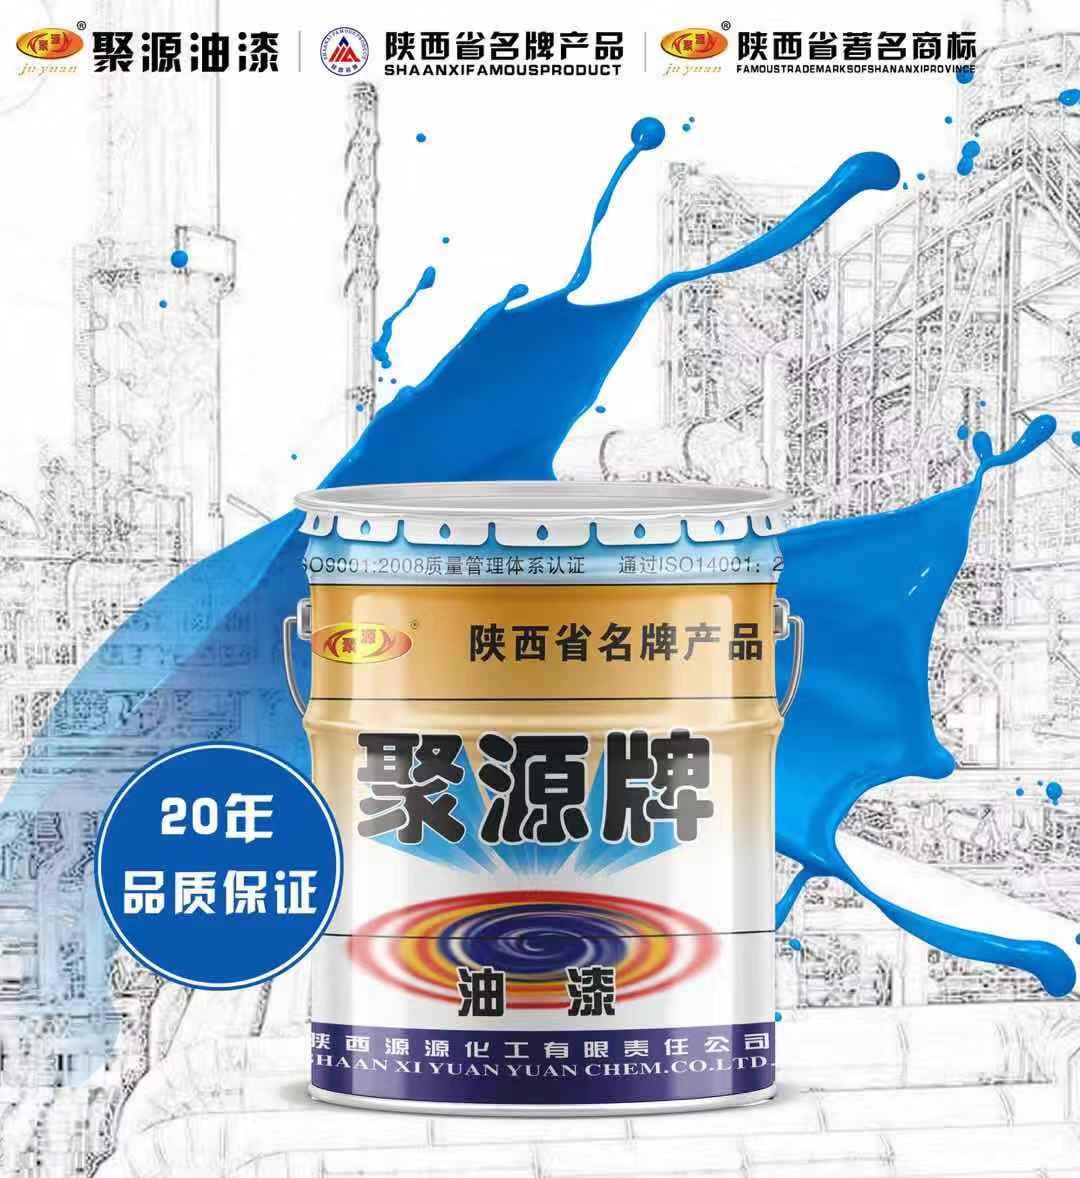 陕西醇酸调合漆-C03-1